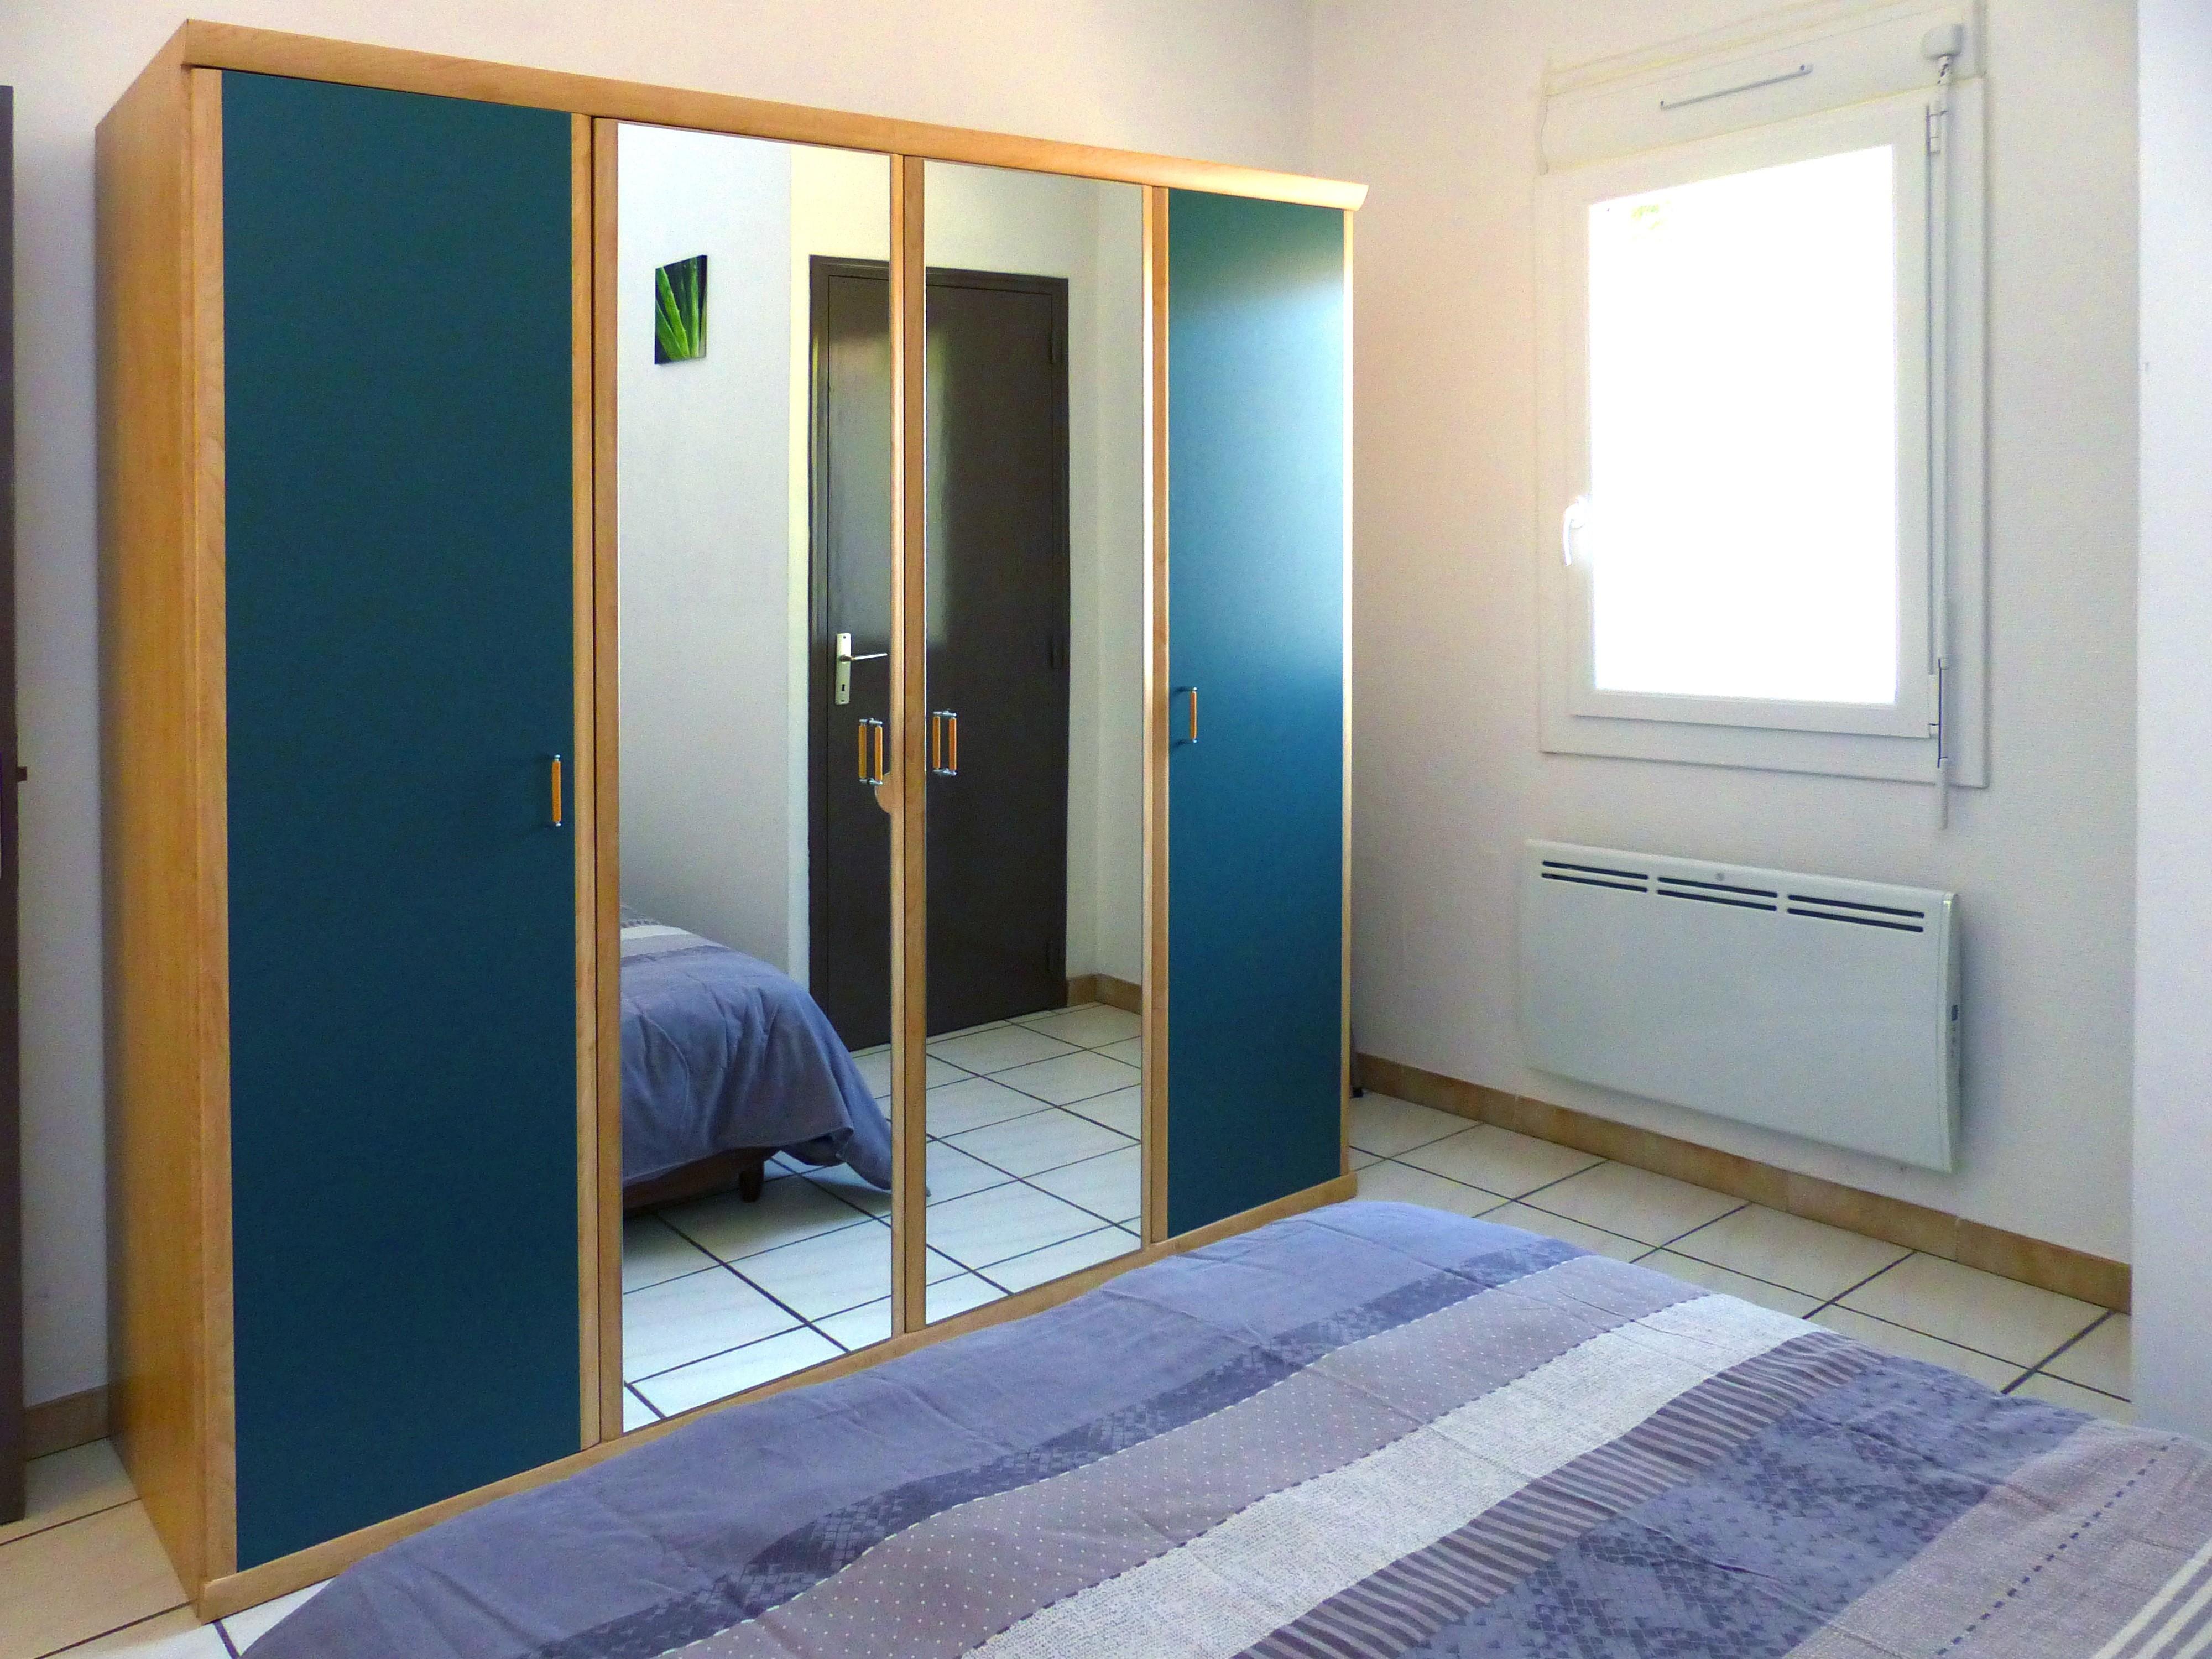 Coté 1ere chambre Appart n°6 - 2 chambres au 1er étage